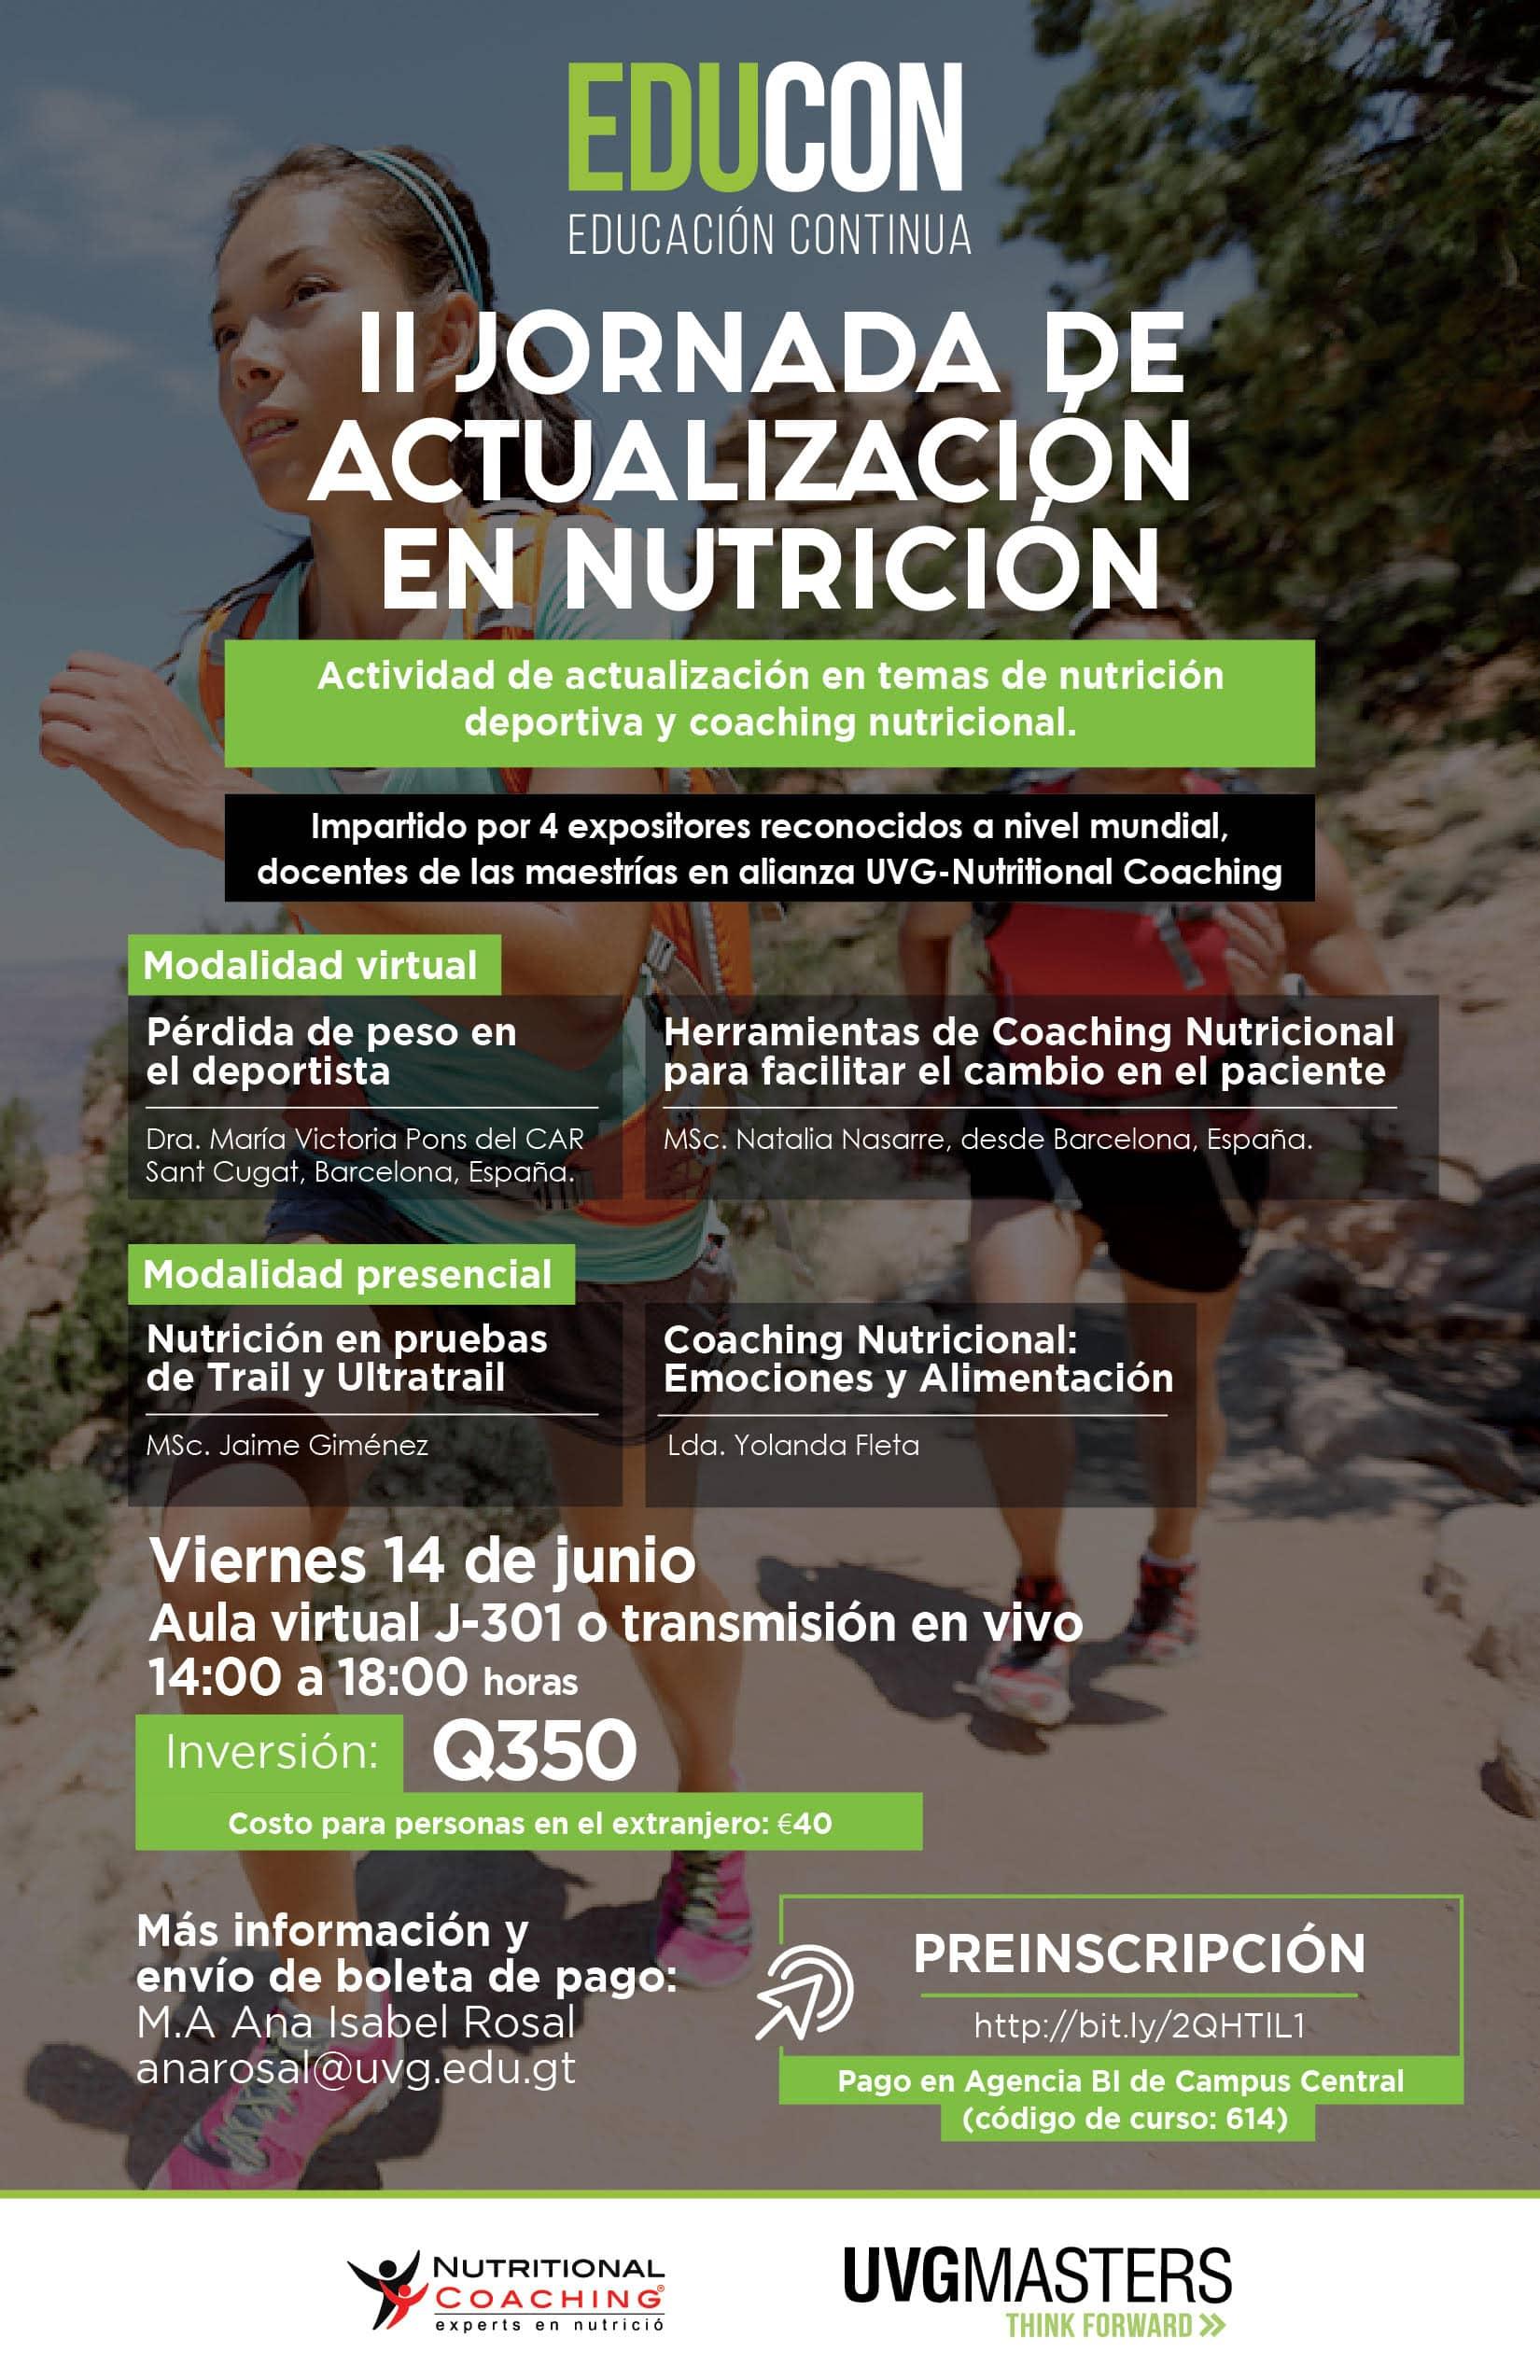 II JORNADA DE ACTUALIZACIÓN EN NUTRICIÓN